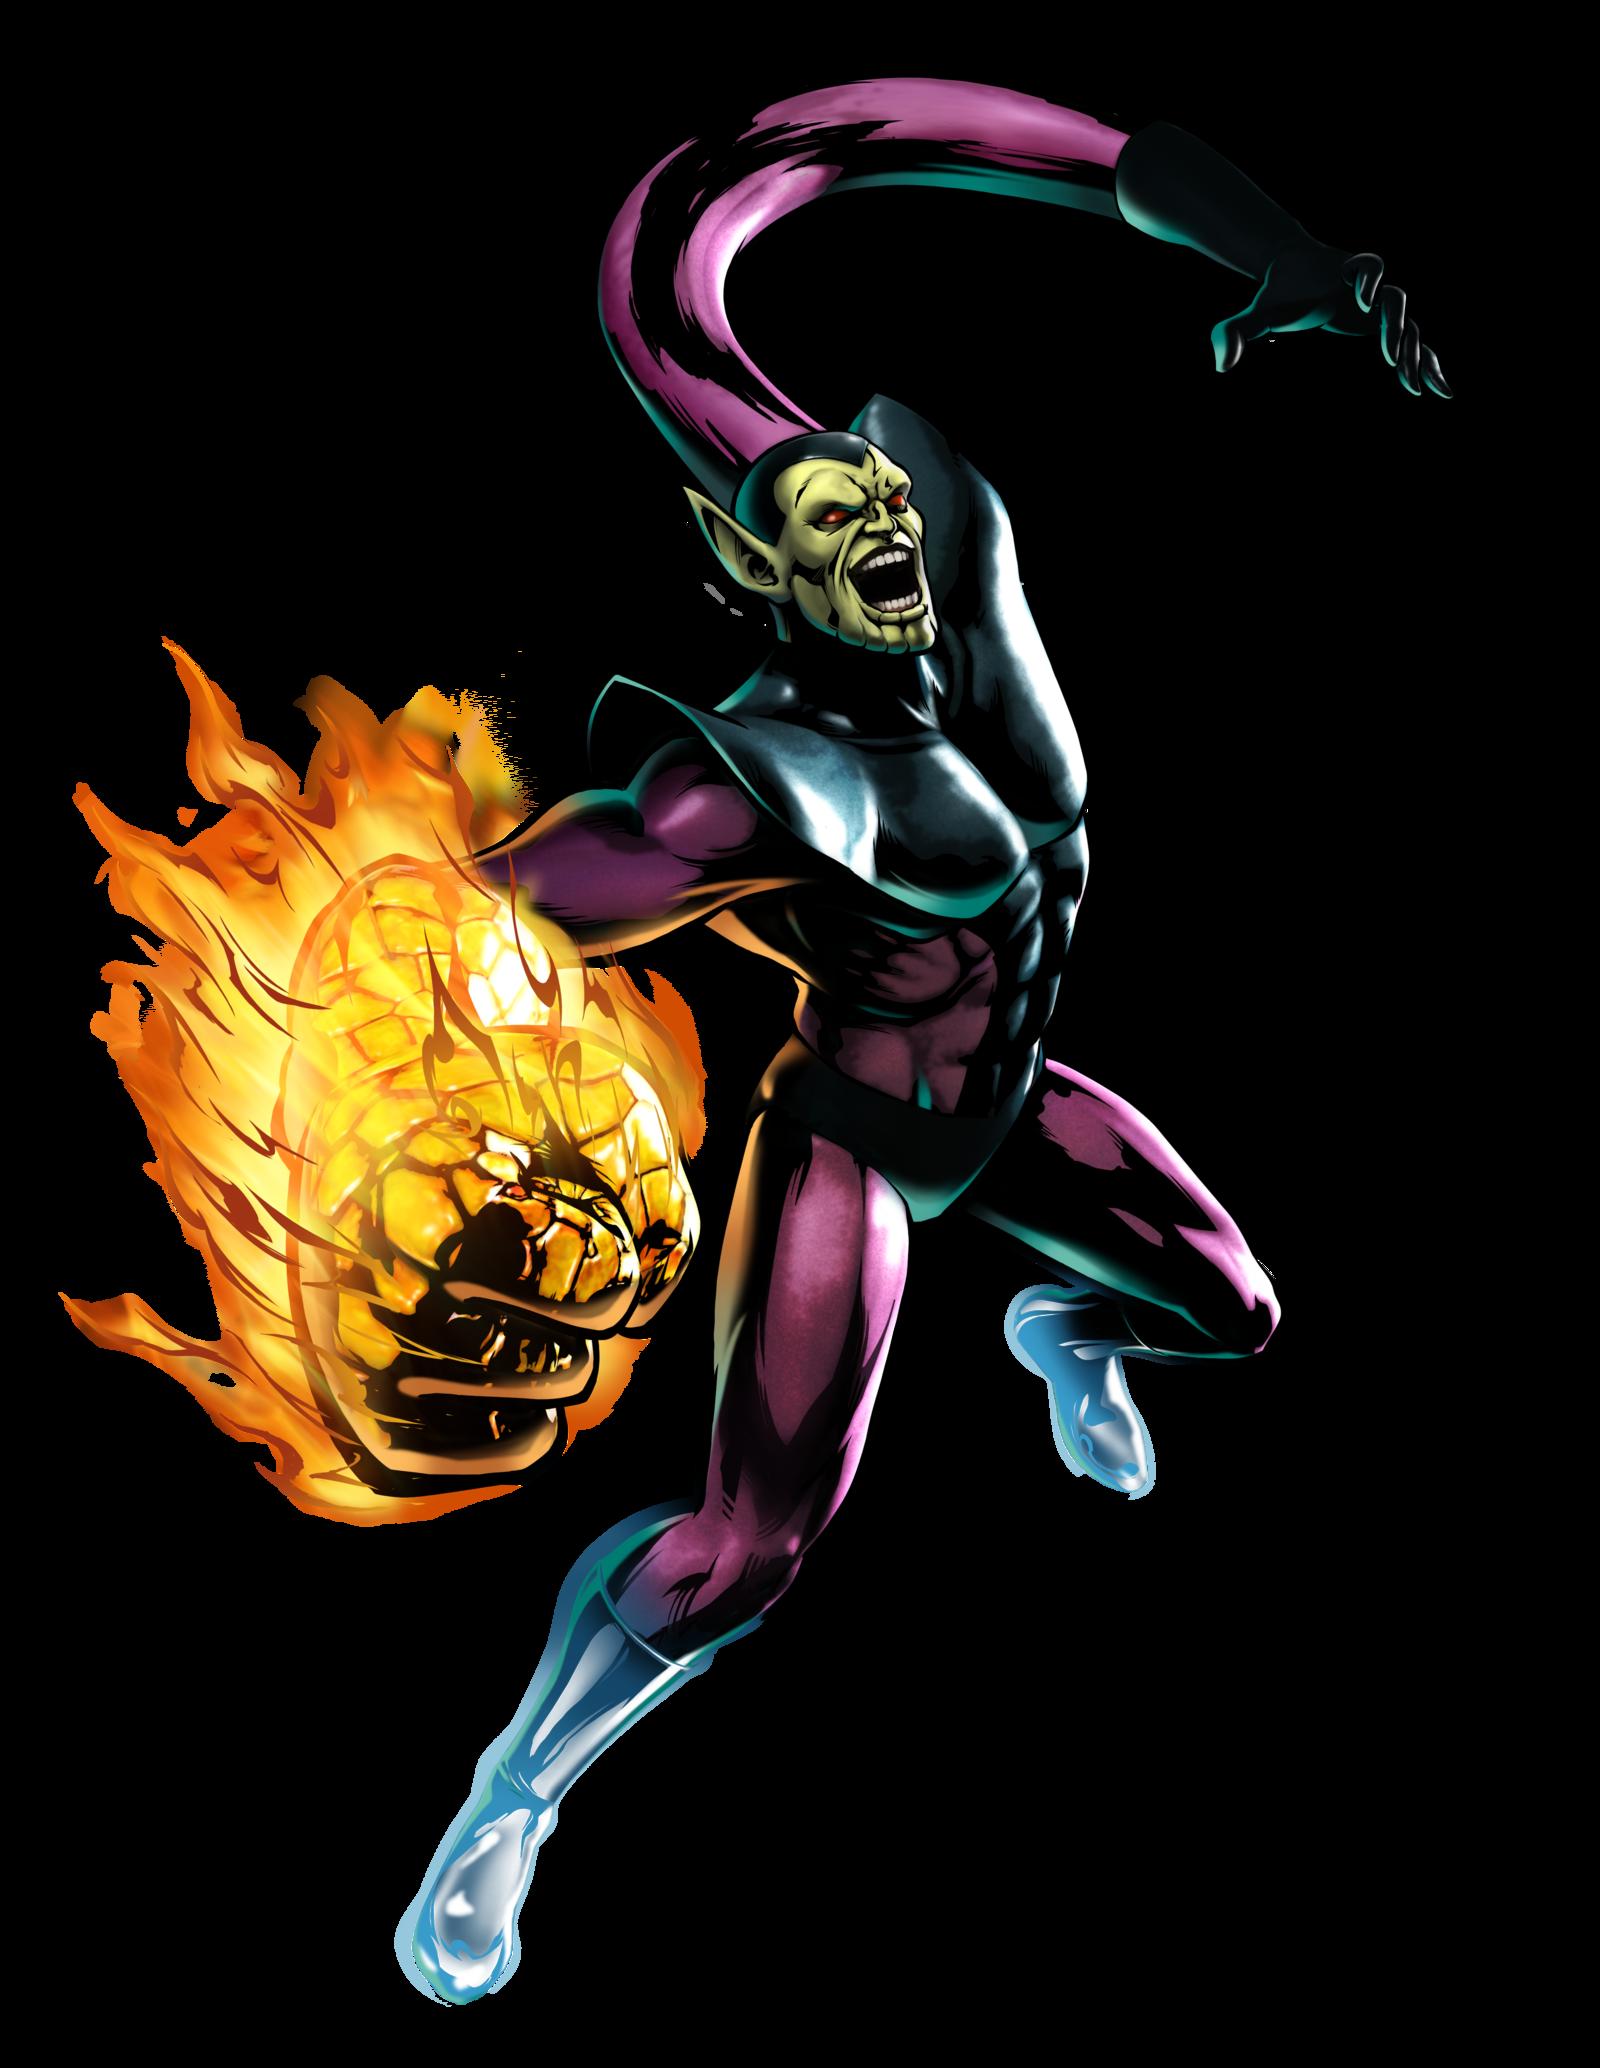 File:Super-Skrull.png